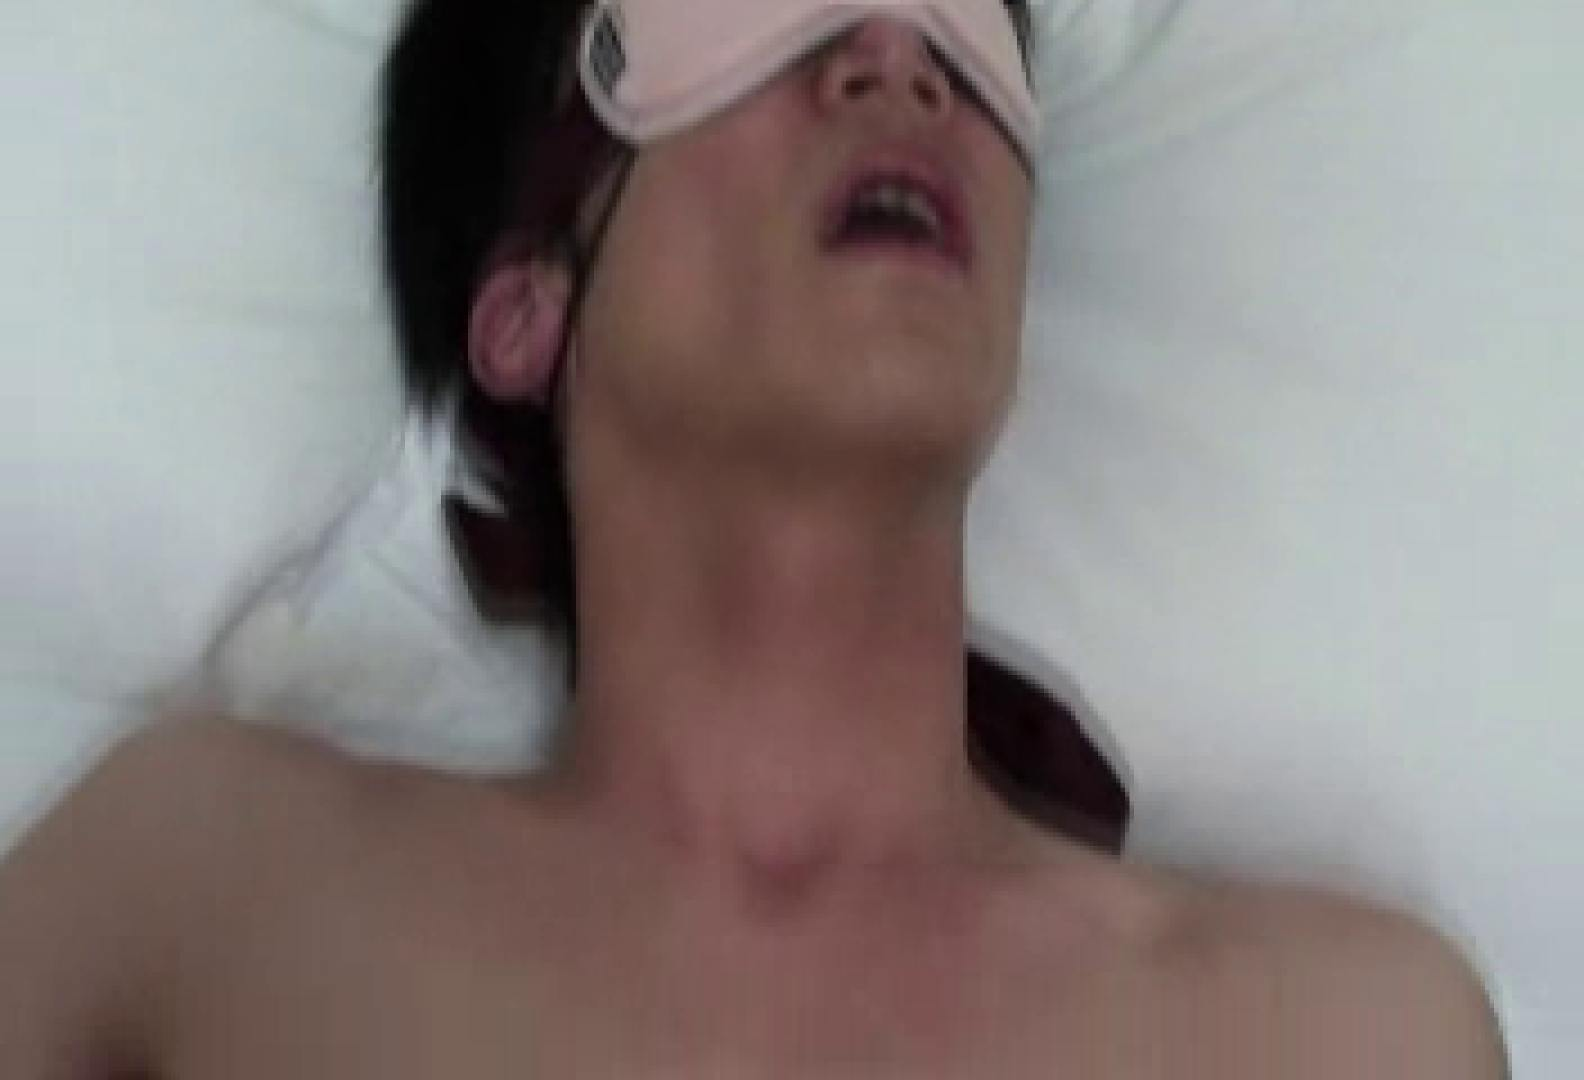 アイマスクでおもいっきり性感帯!!vol.03 前立腺 ゲイアダルト画像 84pic 76